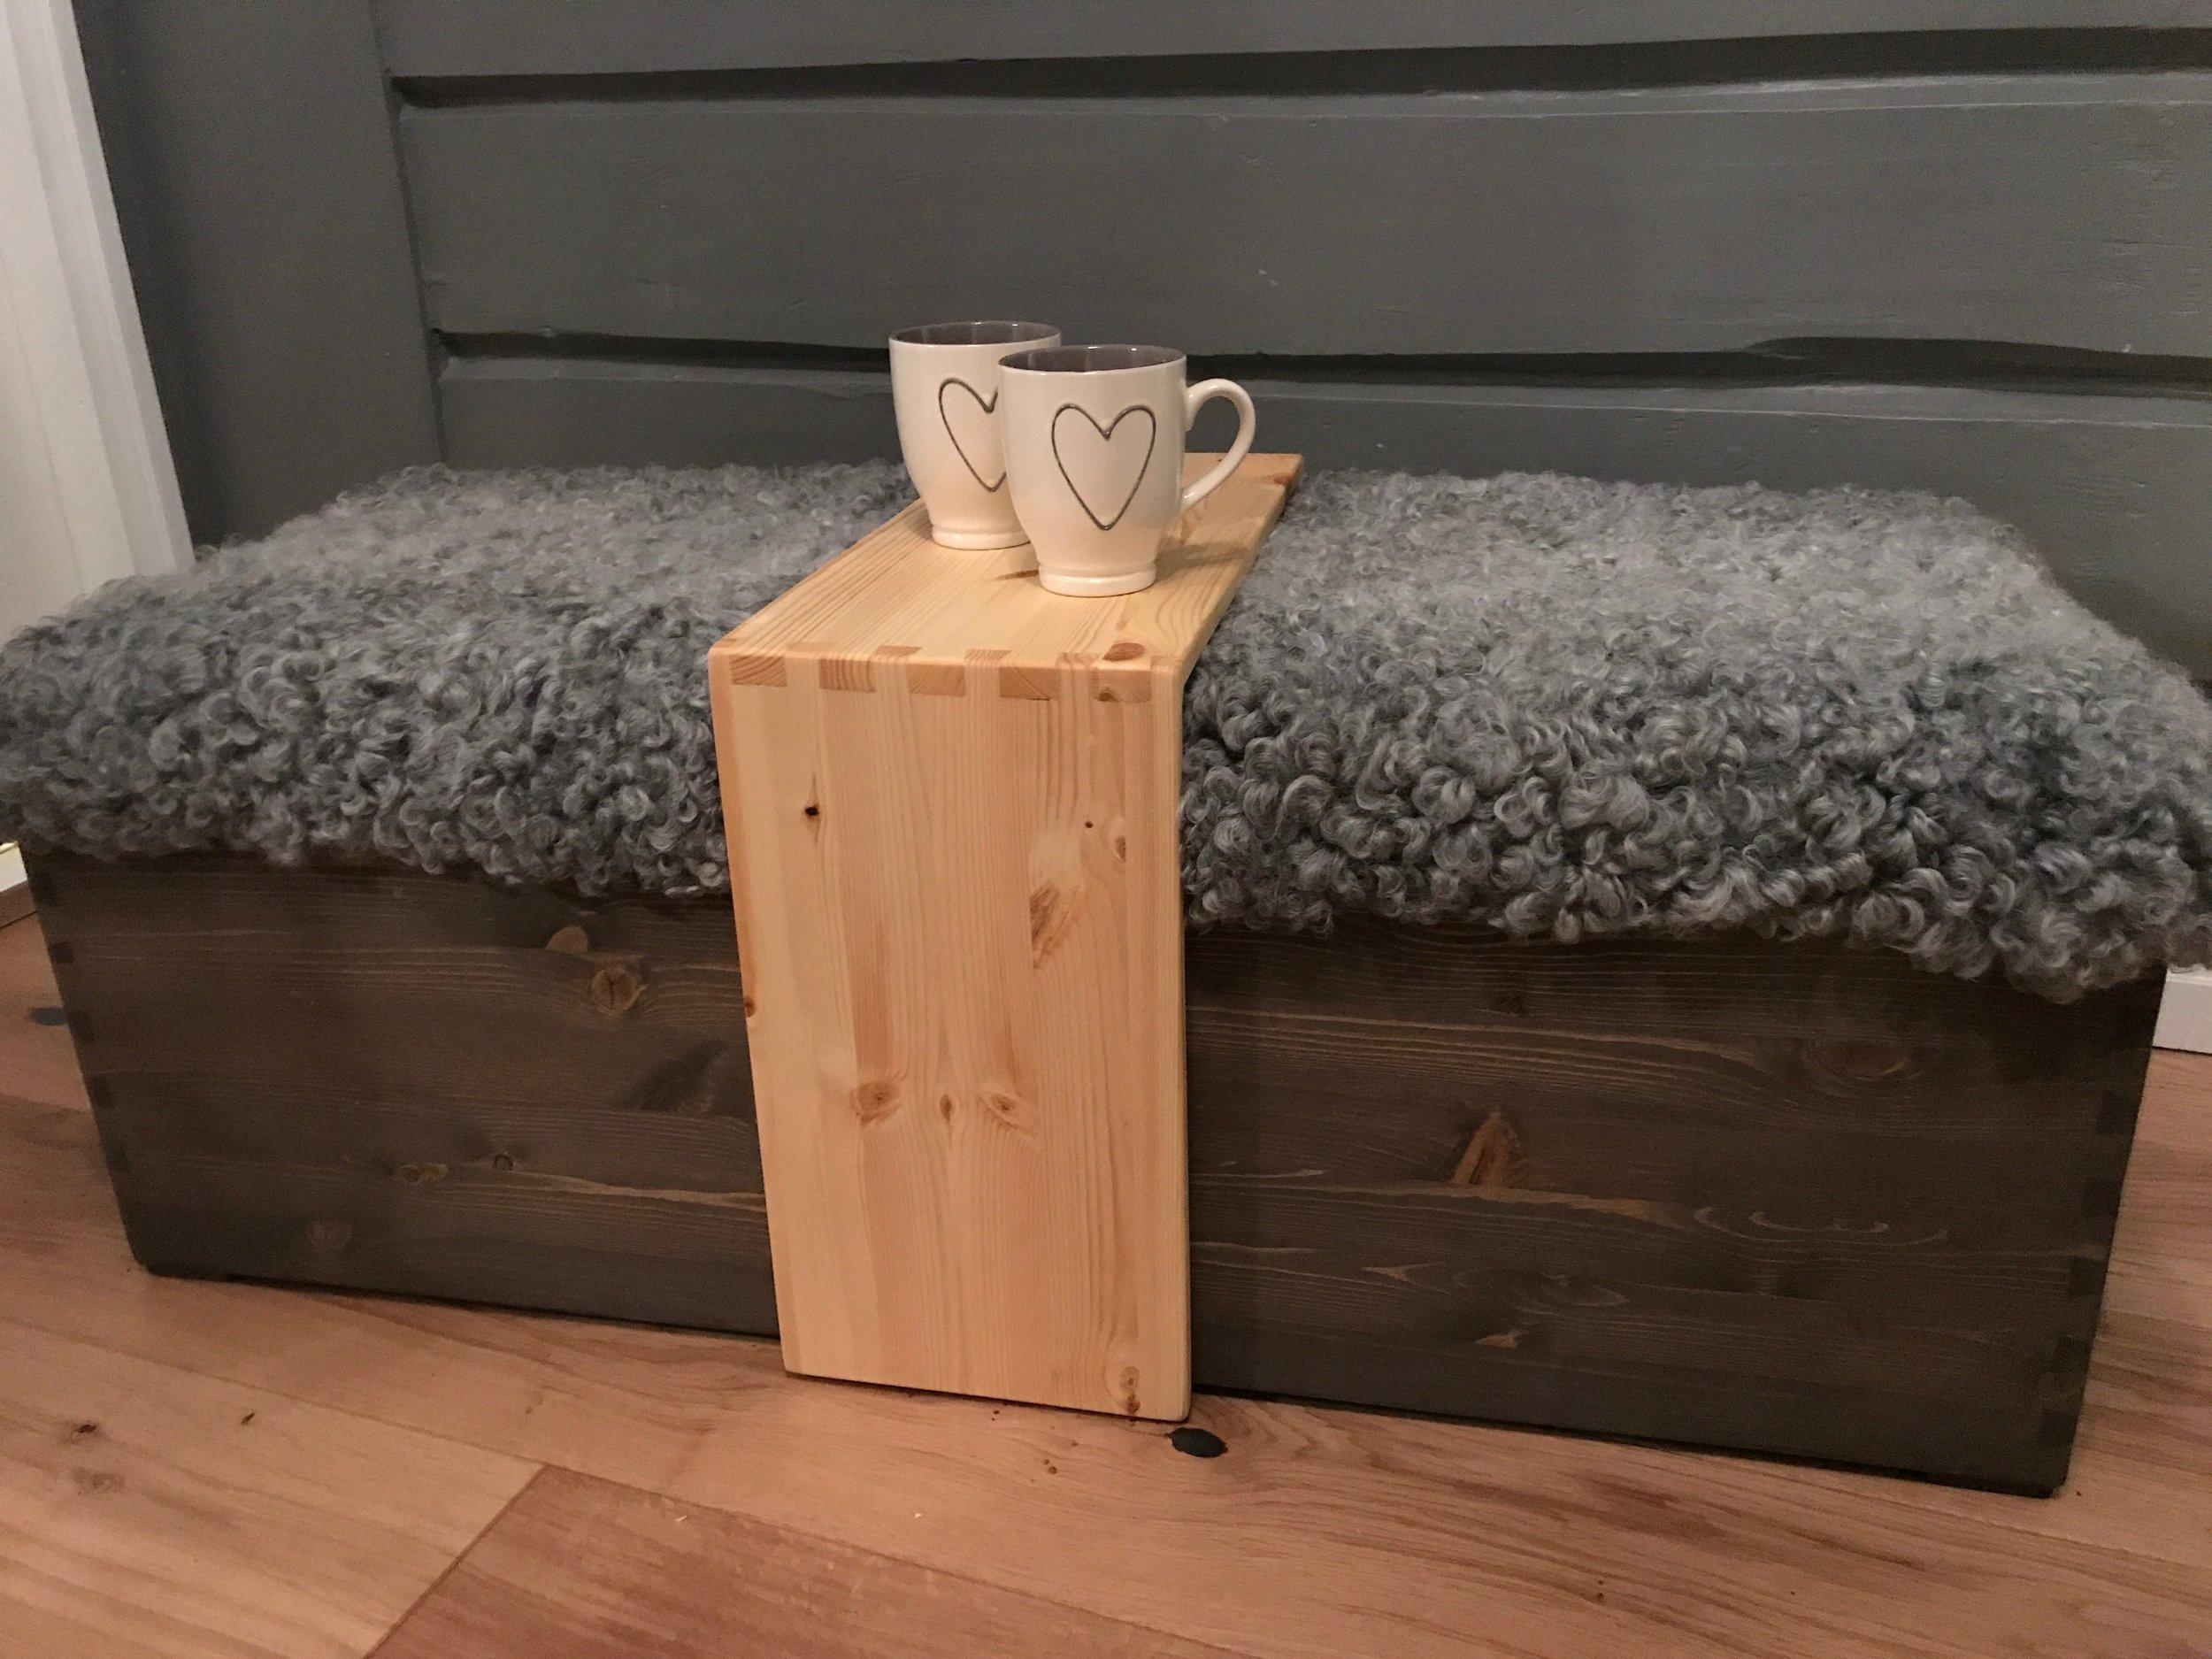 Beiset benk / kiste laget i furu. Kista er laget med en klassisk og slitesterk teknikk: håndsinkede hjørner. På toppen et lite bord som en enkelt løfter av når en skal åpne kista. Oppå kistelokket er det tapetsert inn saueskinn - en god og myk benk som en kan nyte en varm kopp te eller kaffe på.